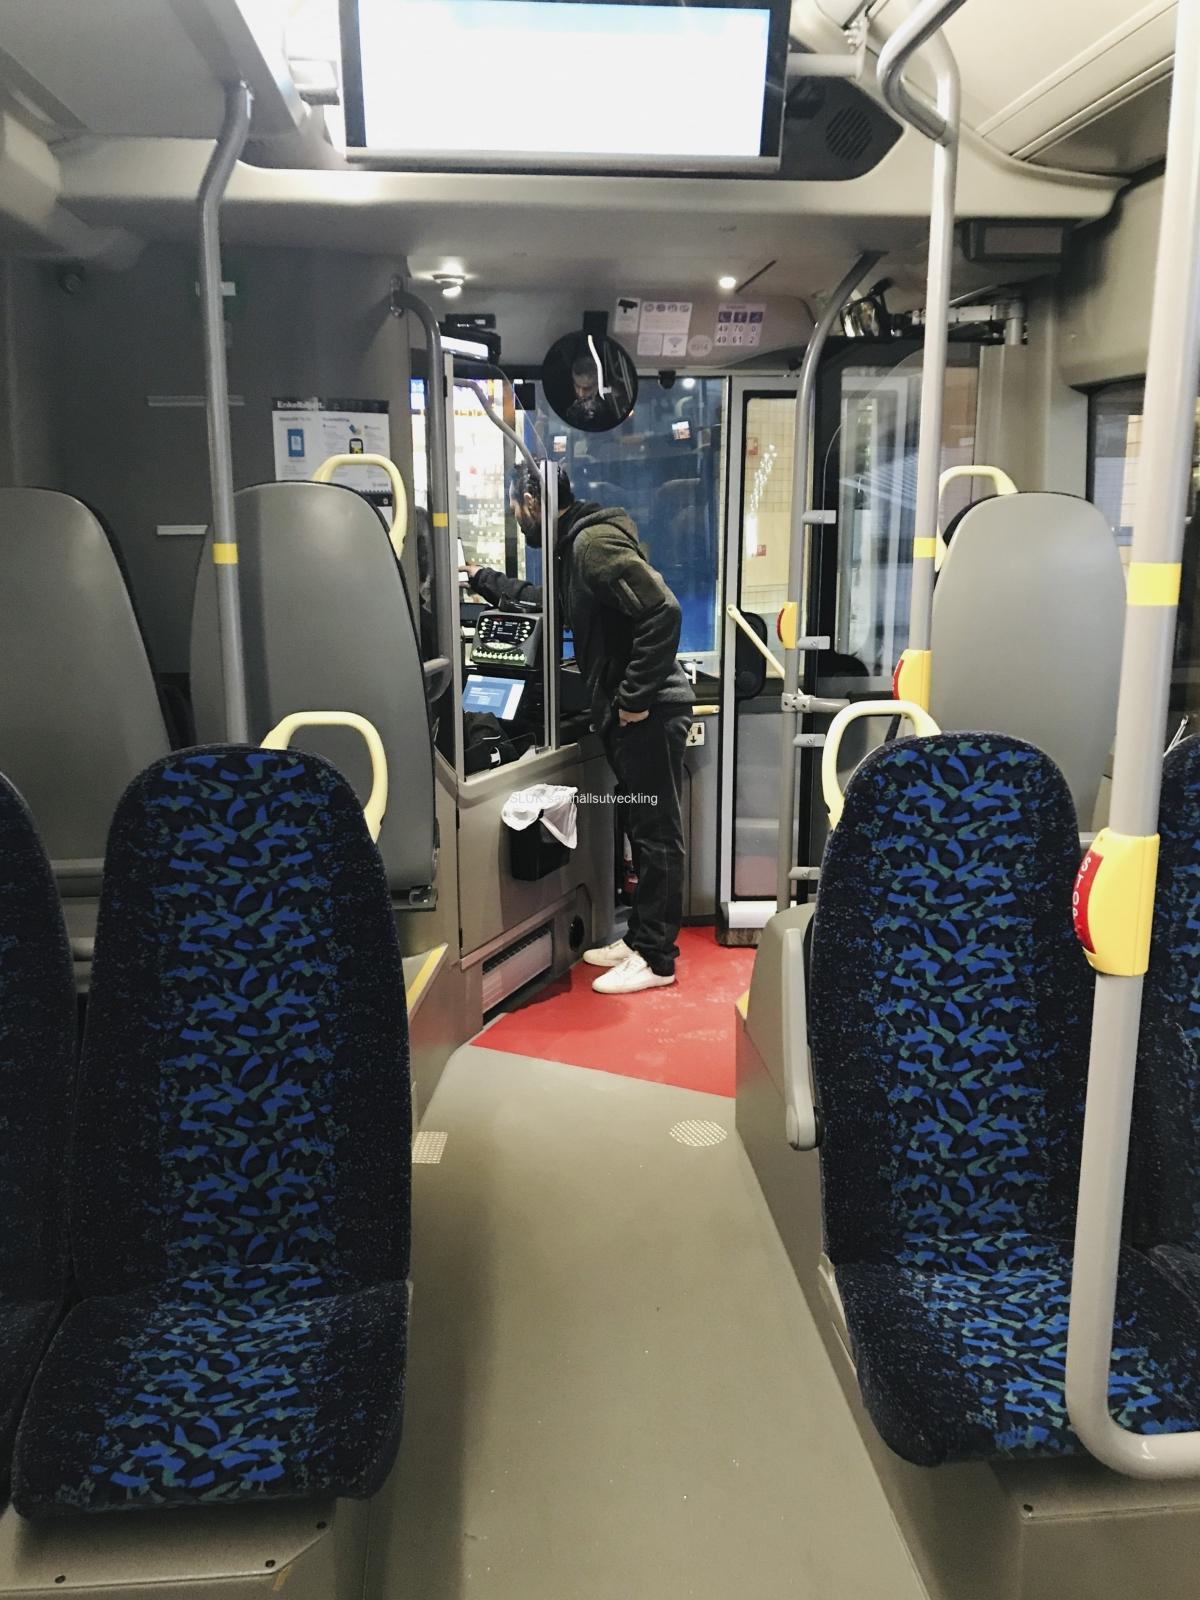 Den 13 december var dagen då elbussarna började köra. Här syns interiören på bussen. Chauffören har ett skydd mot resenärer. Den ska förmodligen ge skydd mot våld och virus.